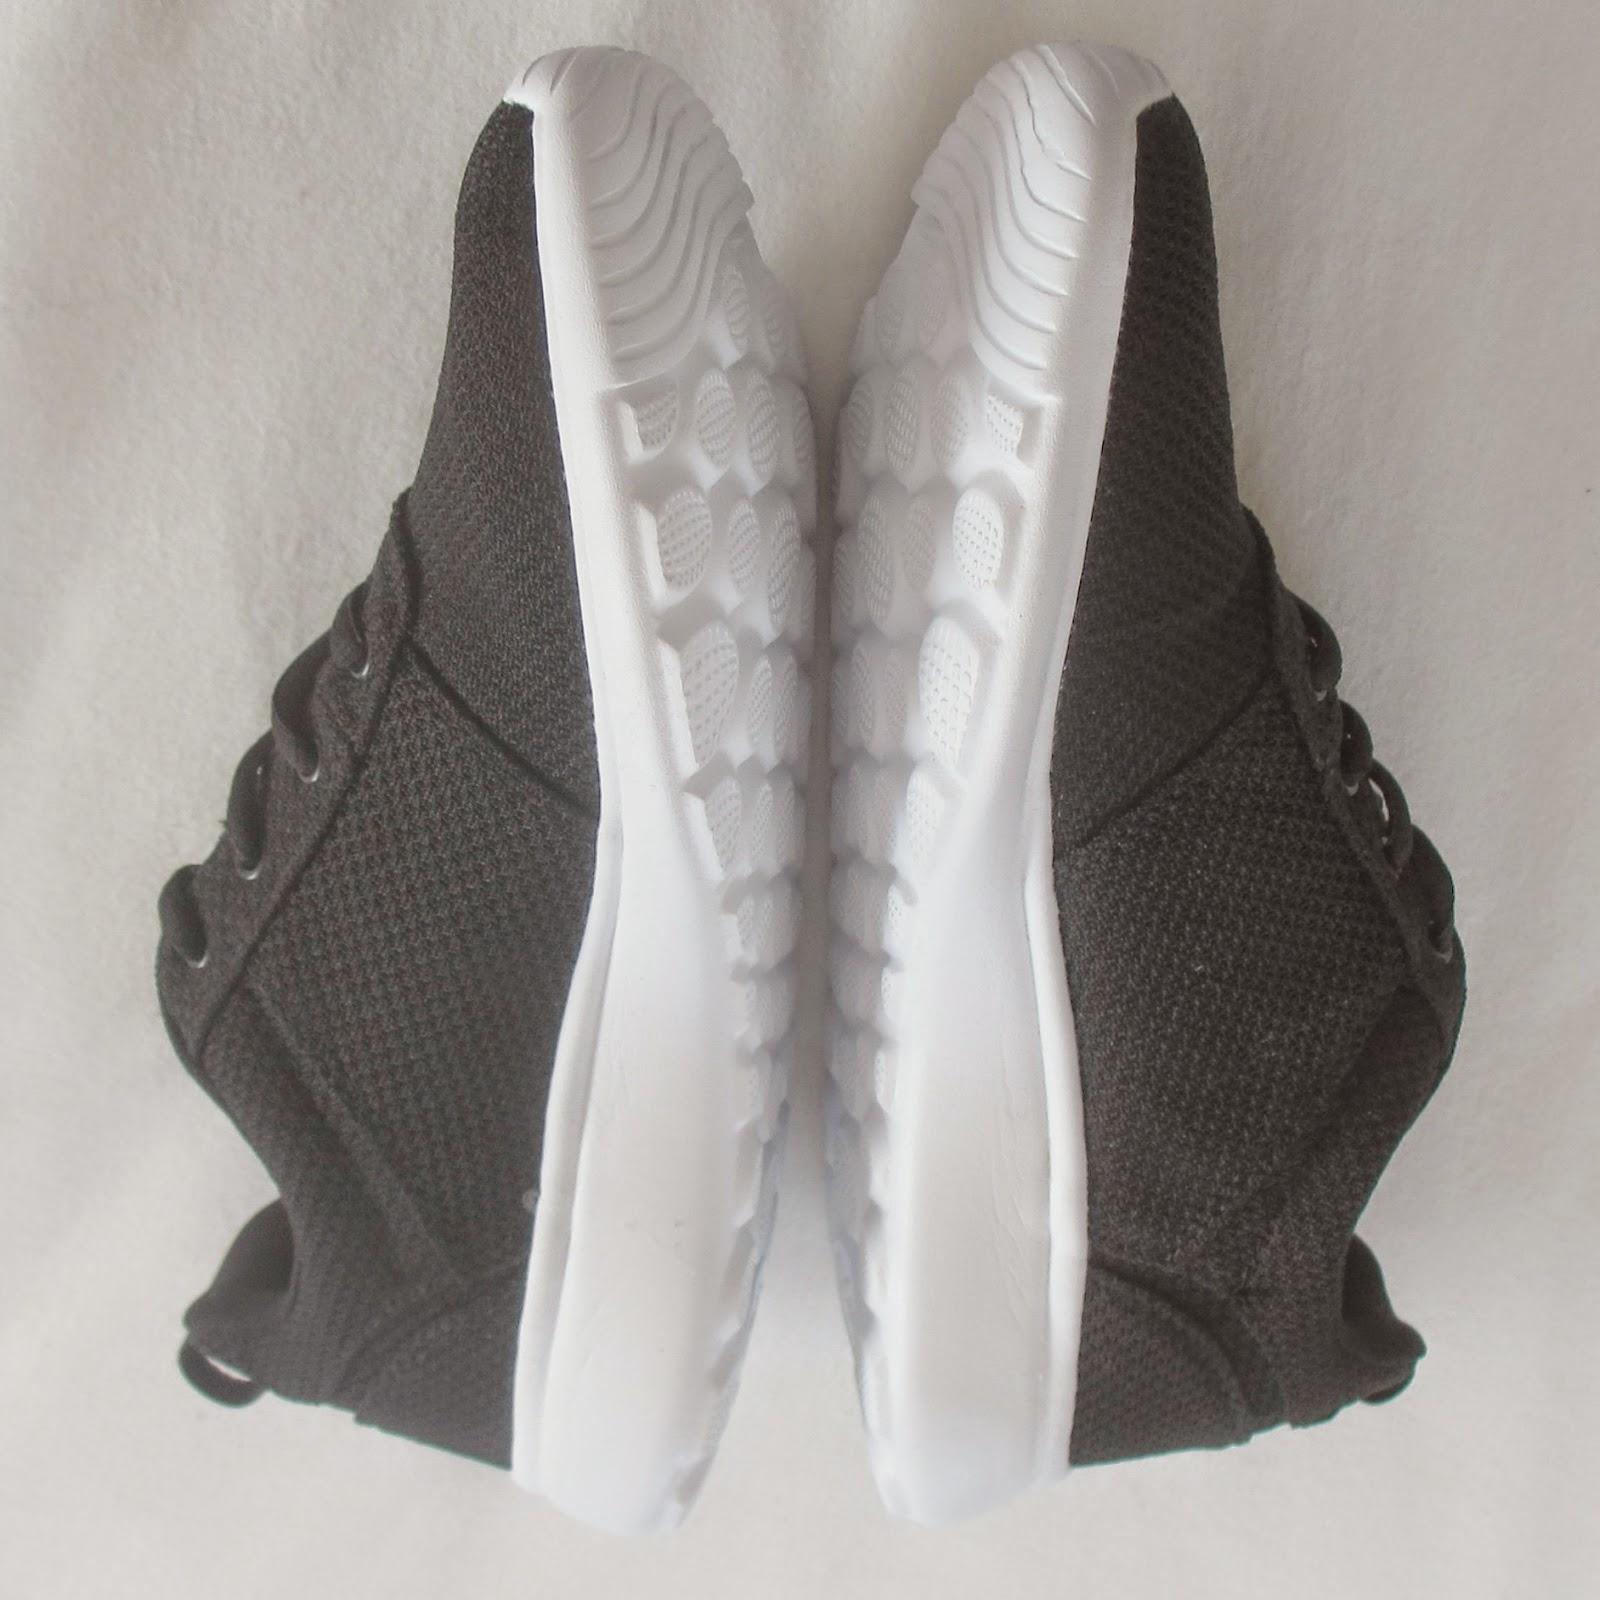 288703aa18796 Lia Fake Roshe Nike In Ratchet One ✓ New Hawqpd